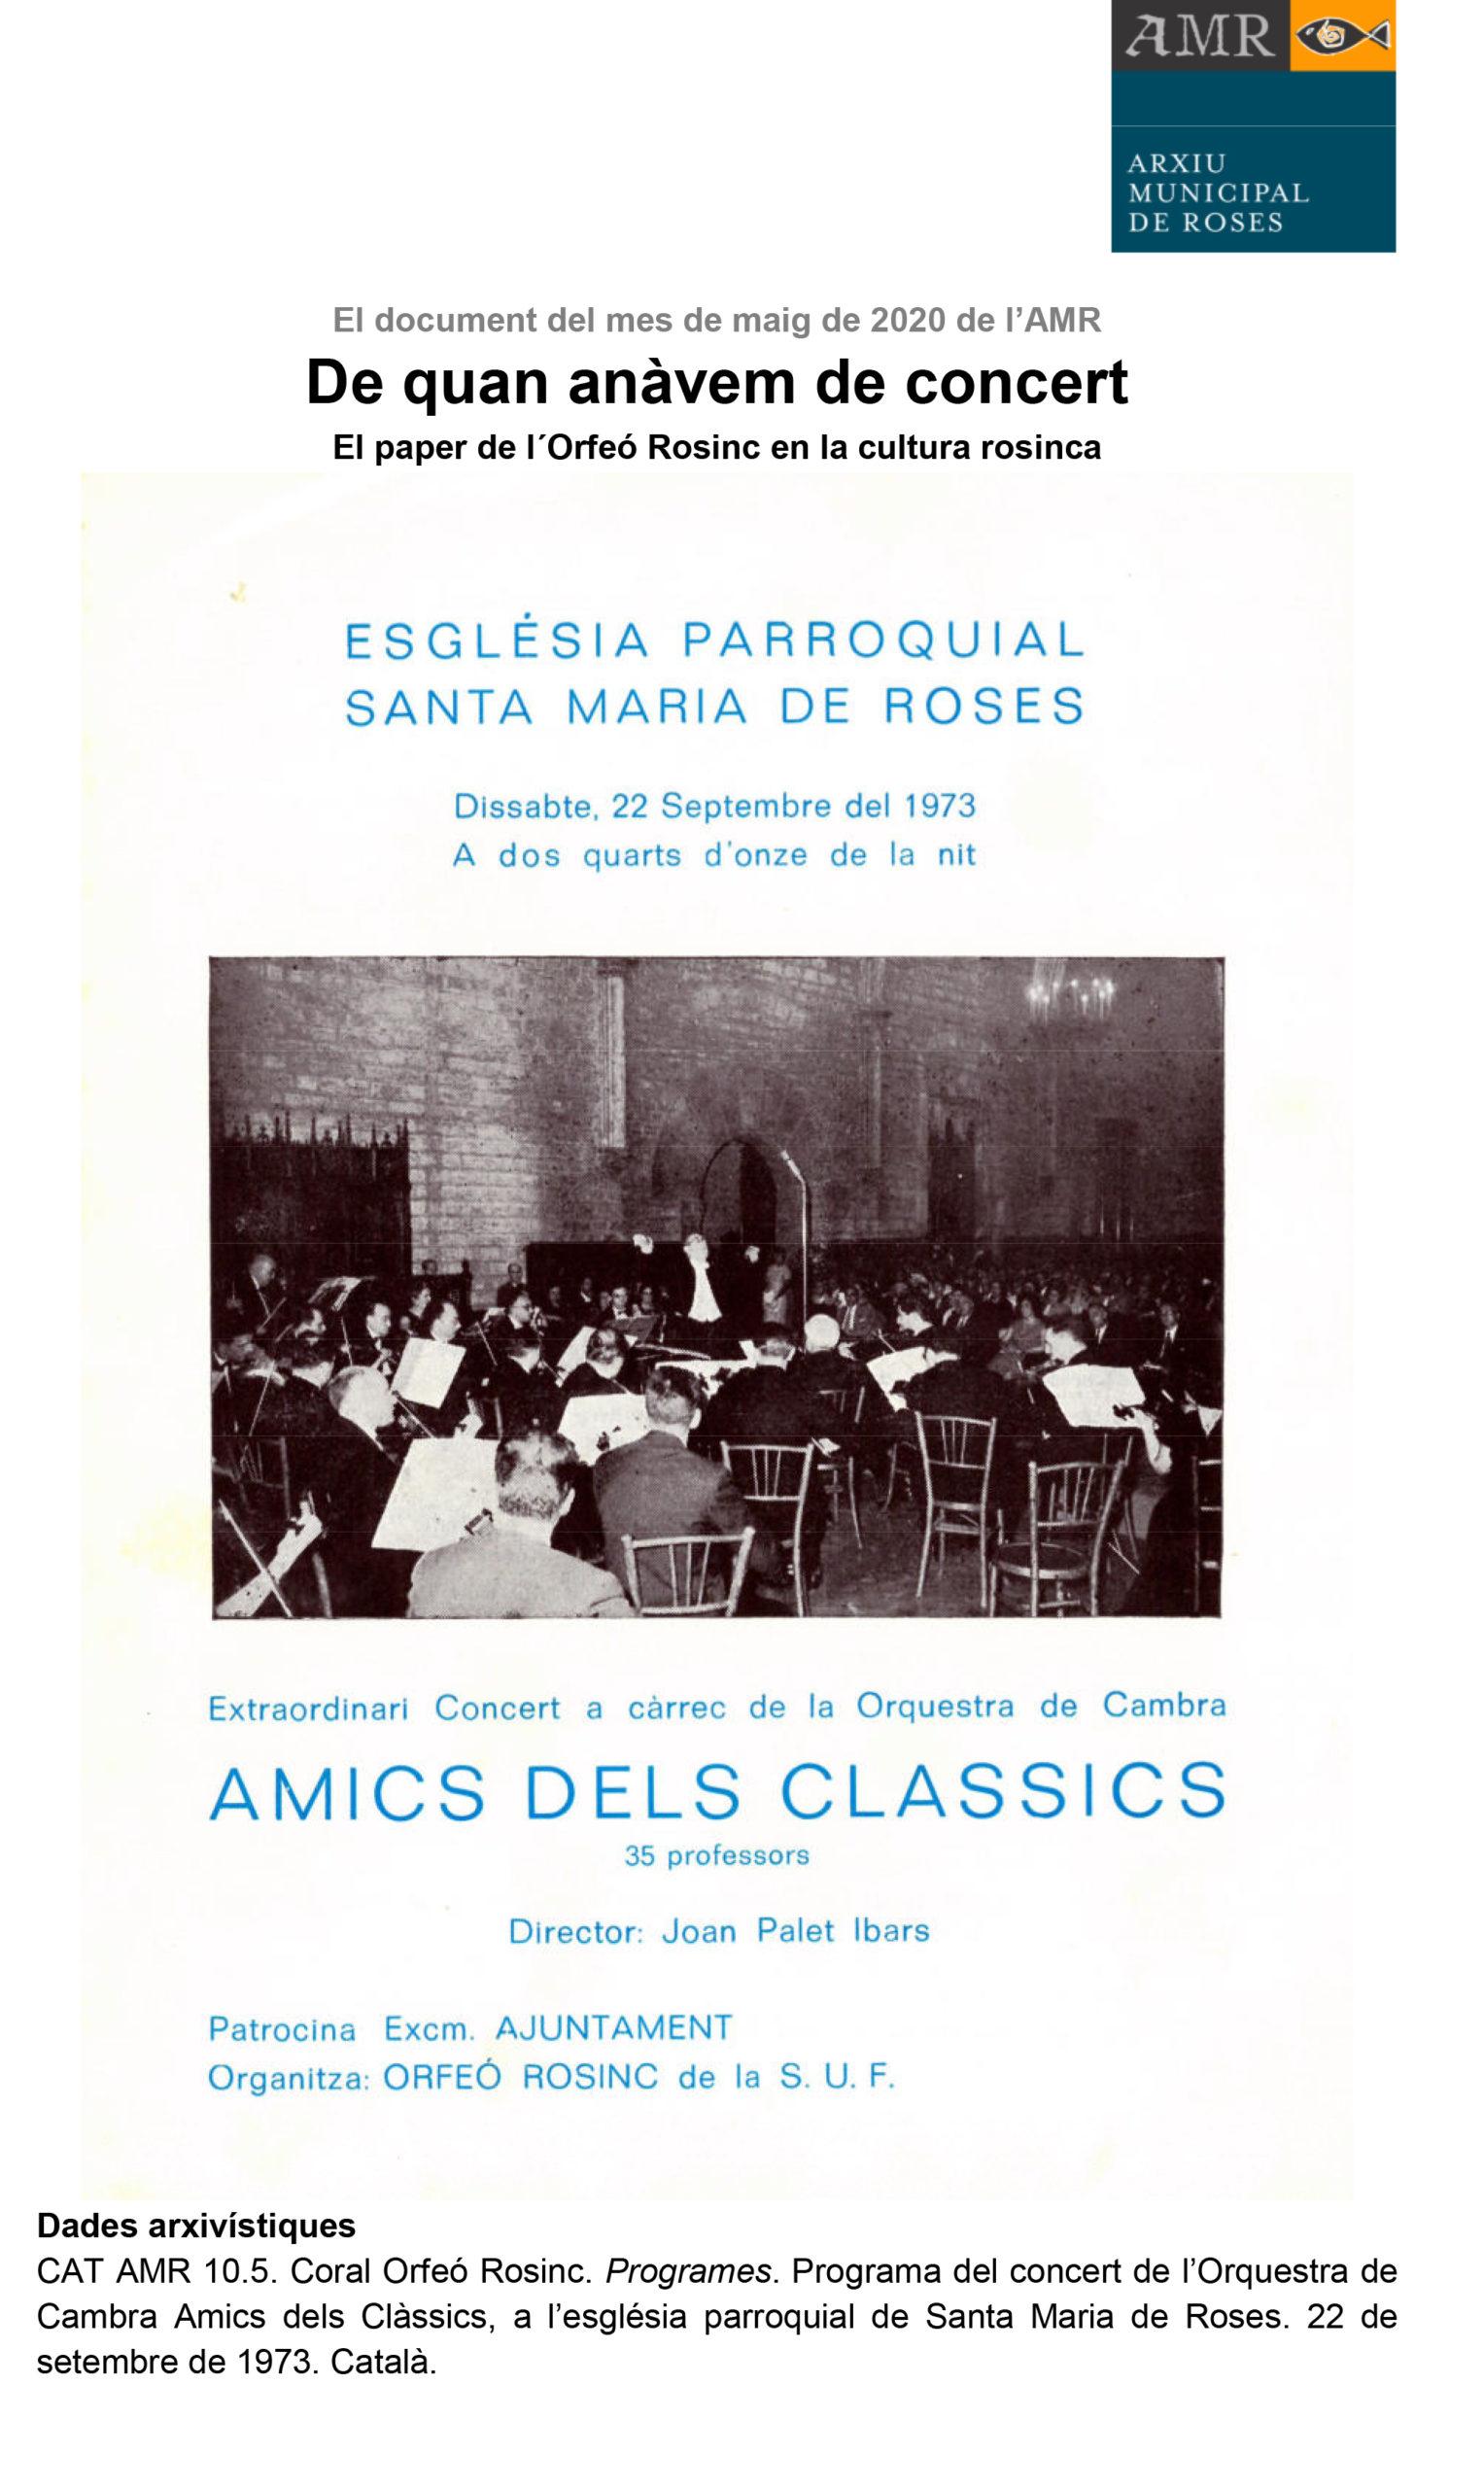 El programa d'un concert de l'Orfeó Rosinc de 1973, Document del Mes de l'AMR